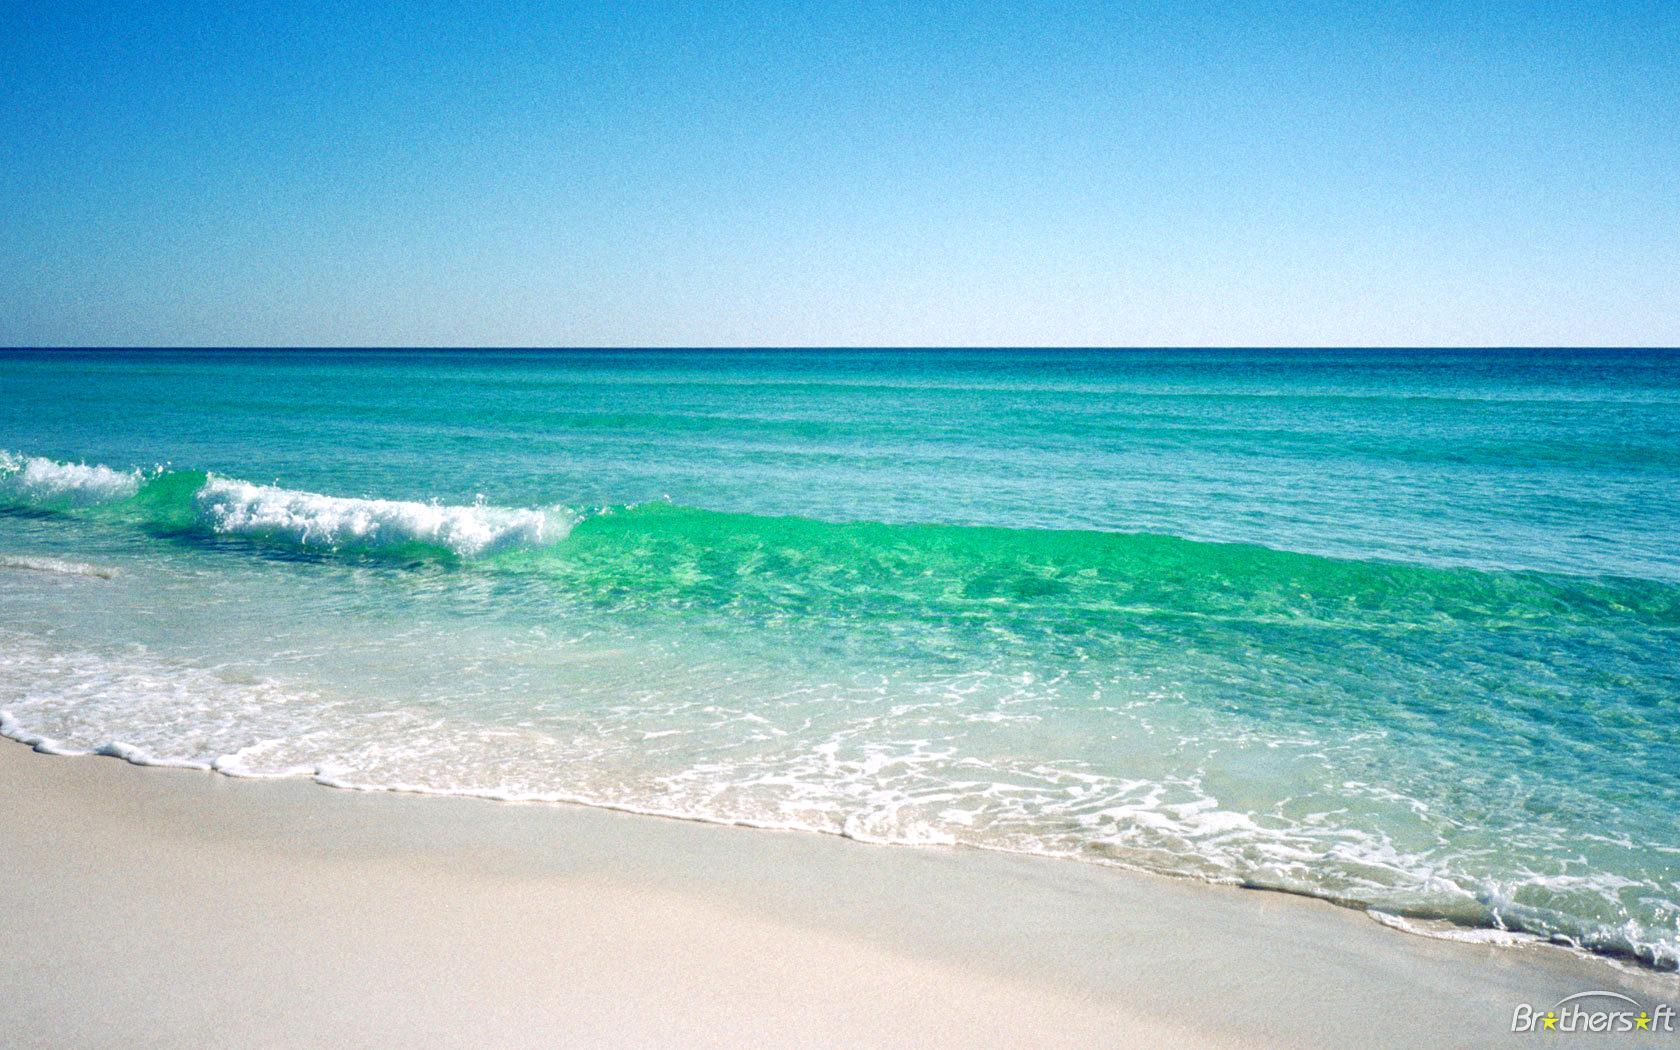 Description Beach In Florida is a hi res Wallpaper for pc desktops 1680x1050